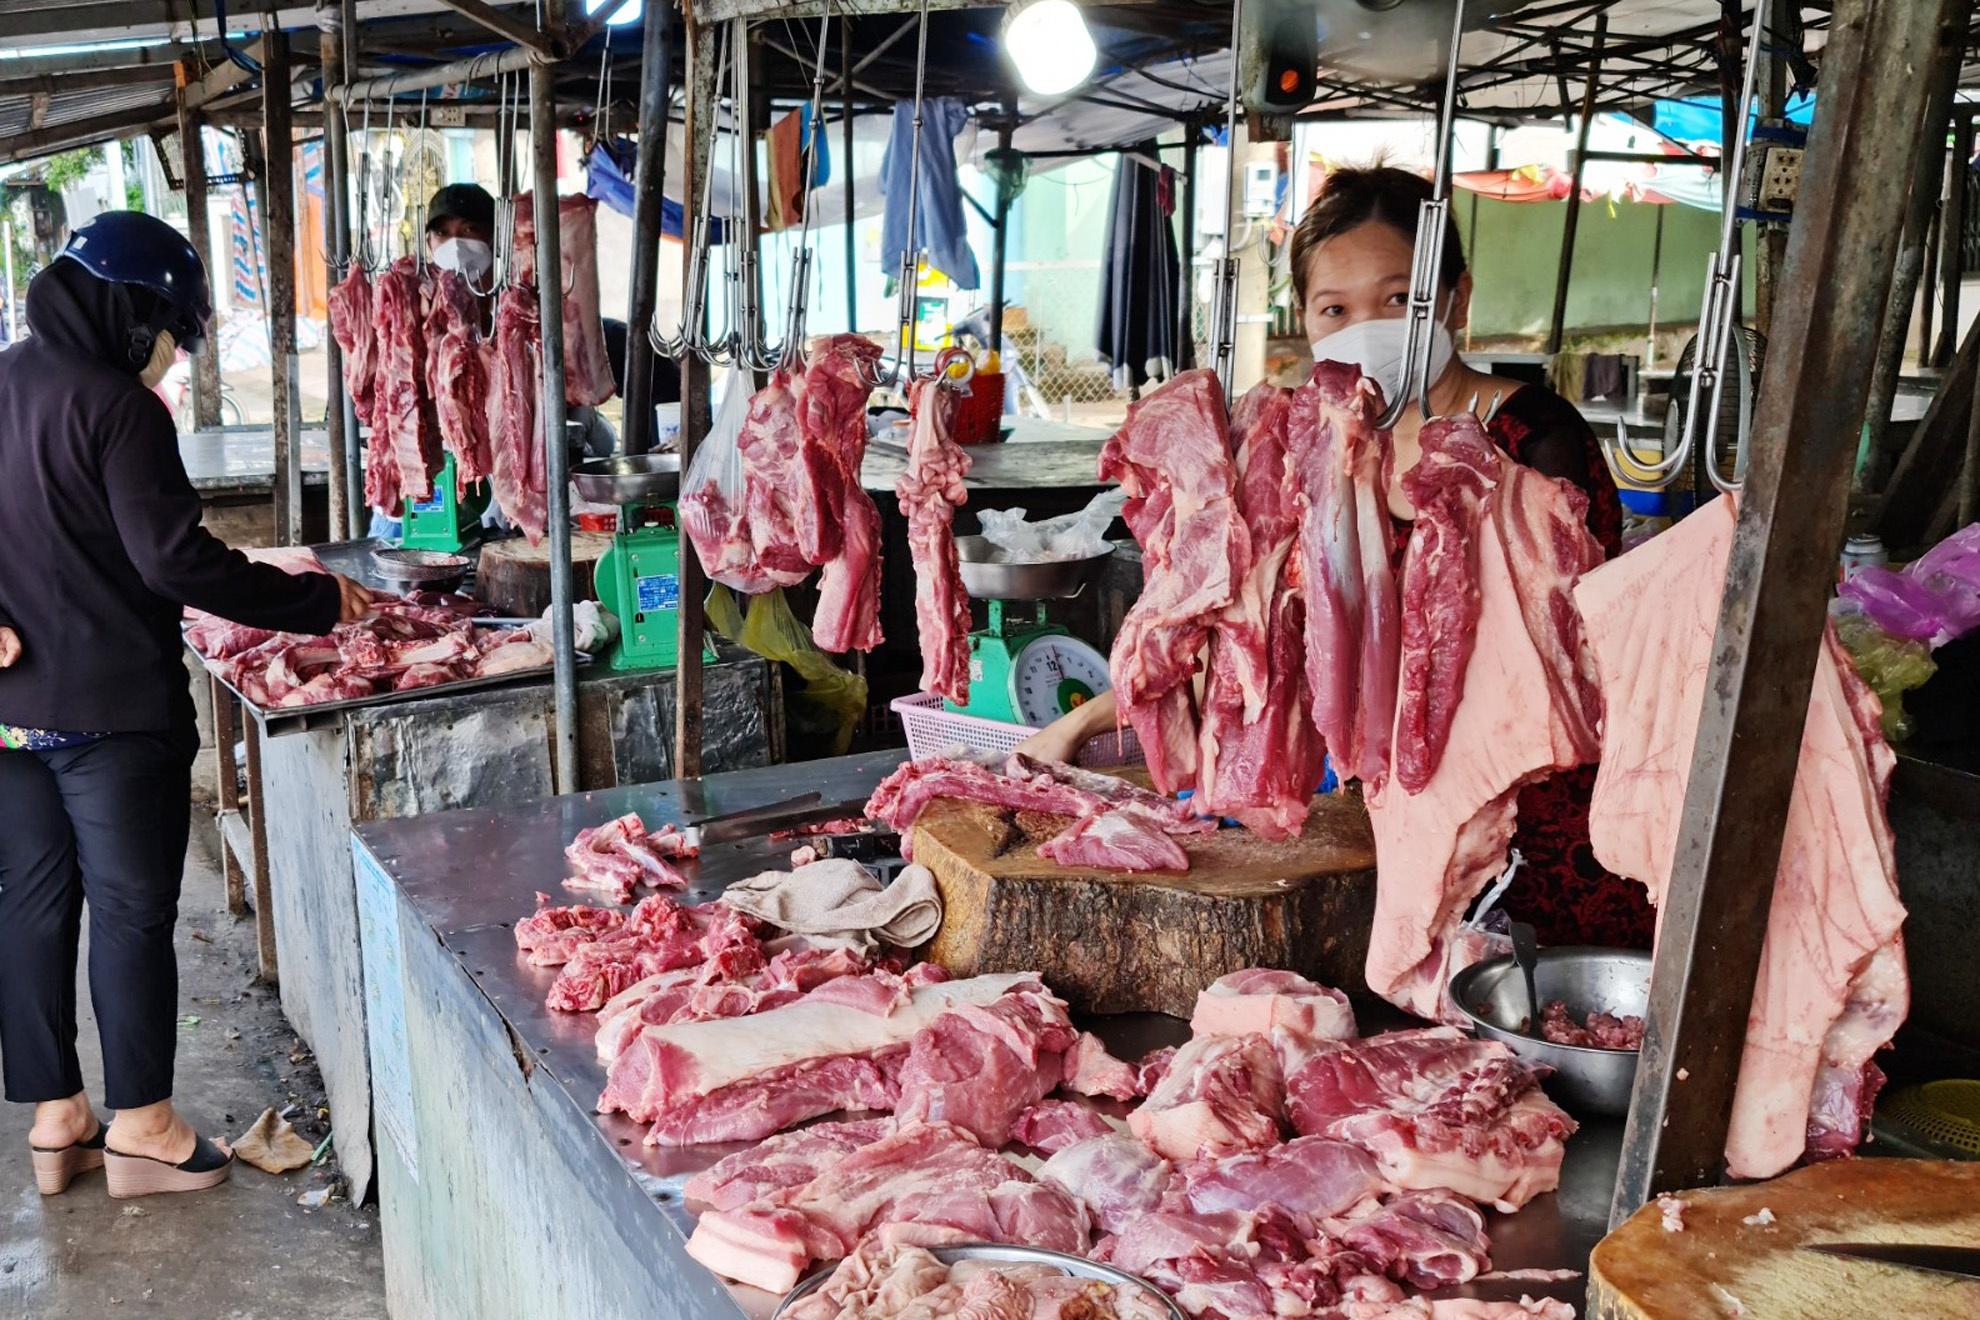 Giá gà công nghiệp thấp thảm hại, chỉ còn 13.000-14.000 đồng/kg, nhiều trại nuôi lỗ cả tỷ đồng - Ảnh 3.